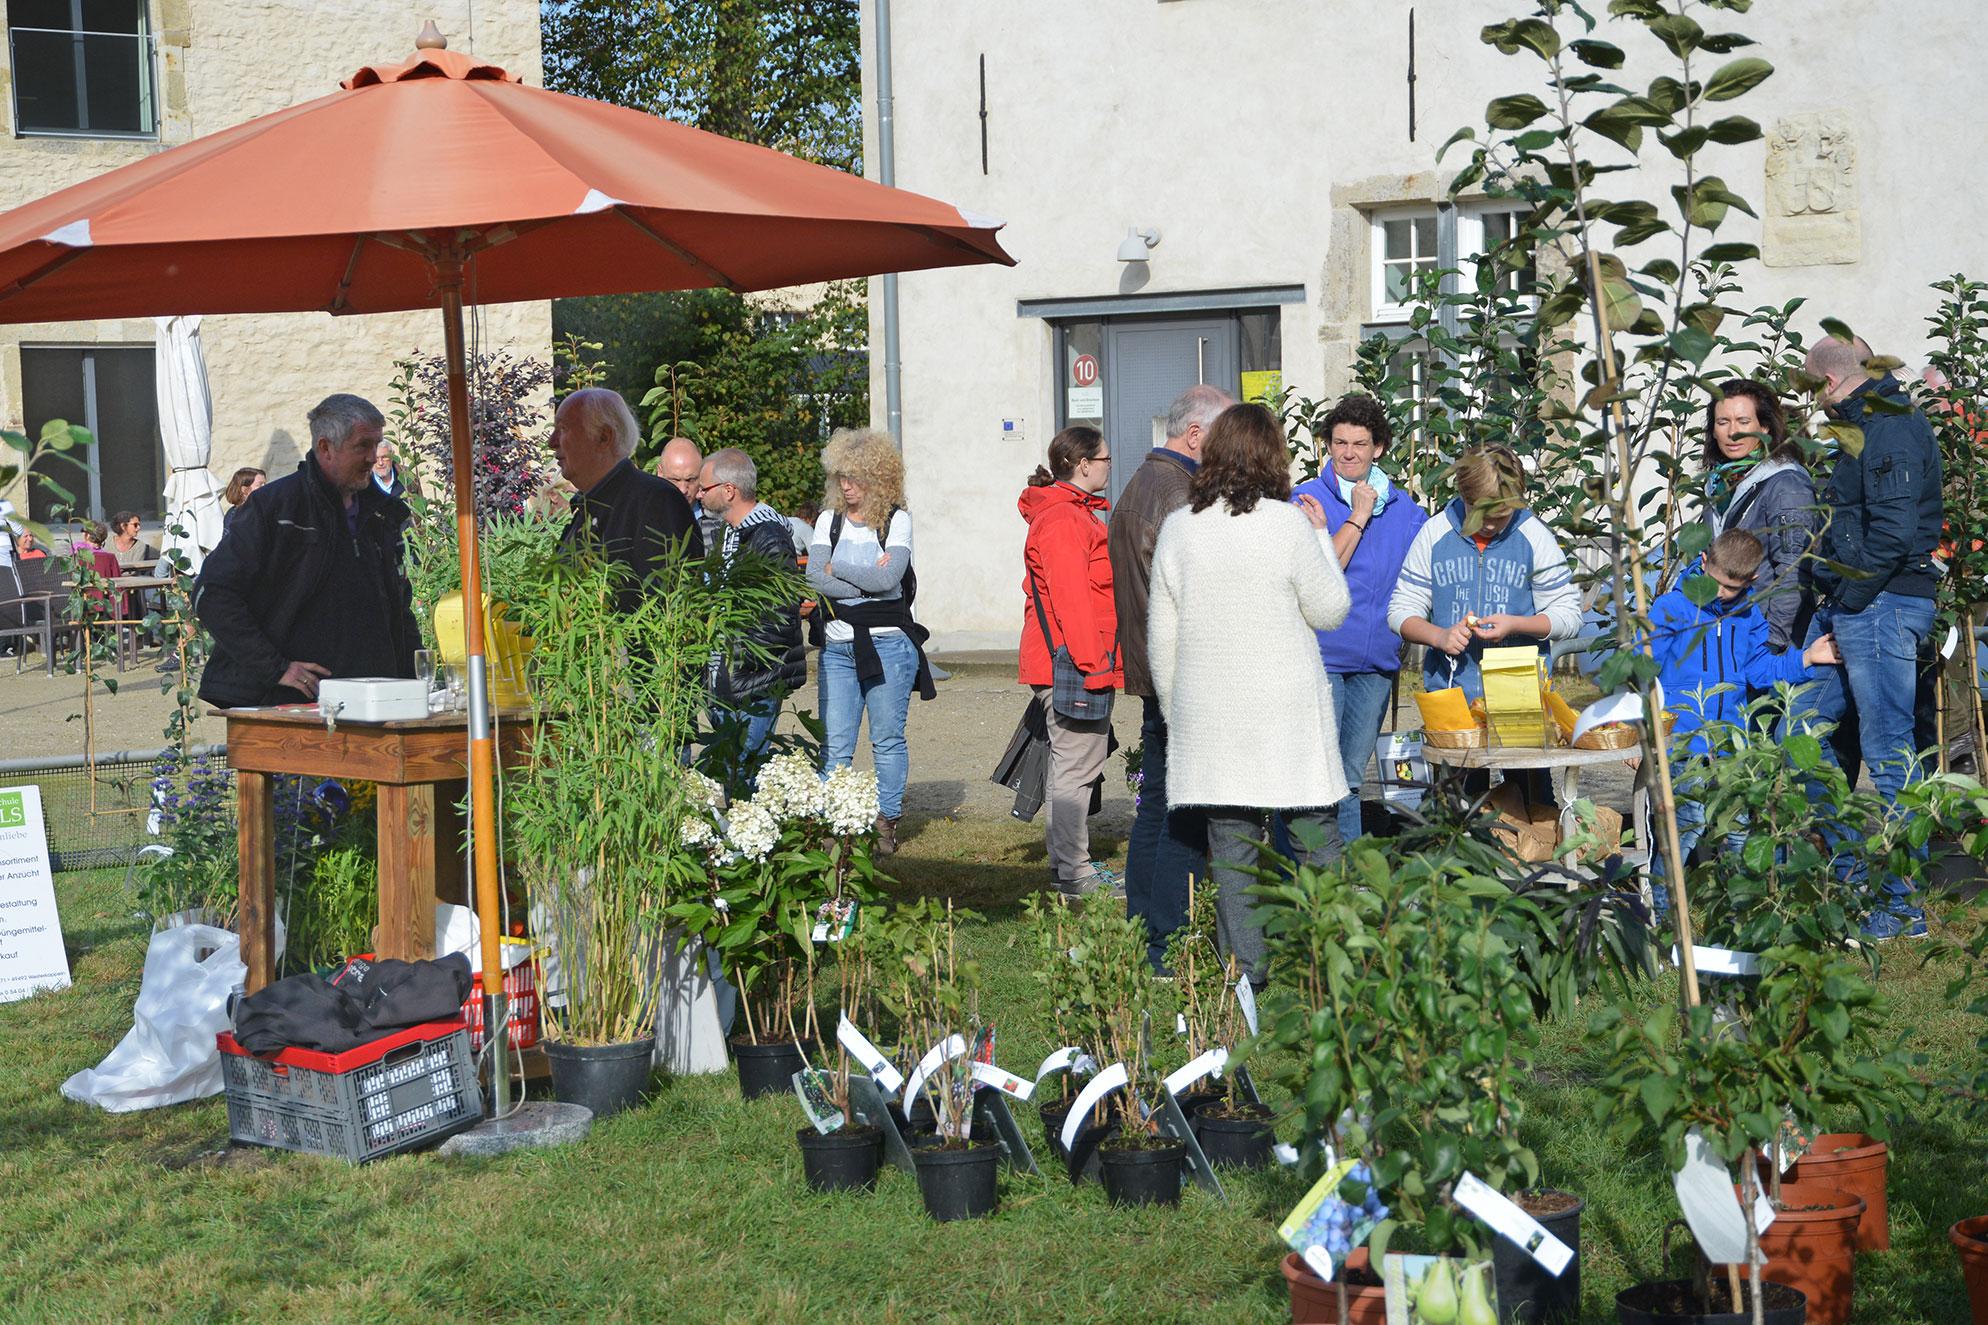 Kreis Steinfurt lädt zu Köstlichkeiten und Aktionen rund um den Apfel ein (Foto: Dorothea Boeing)